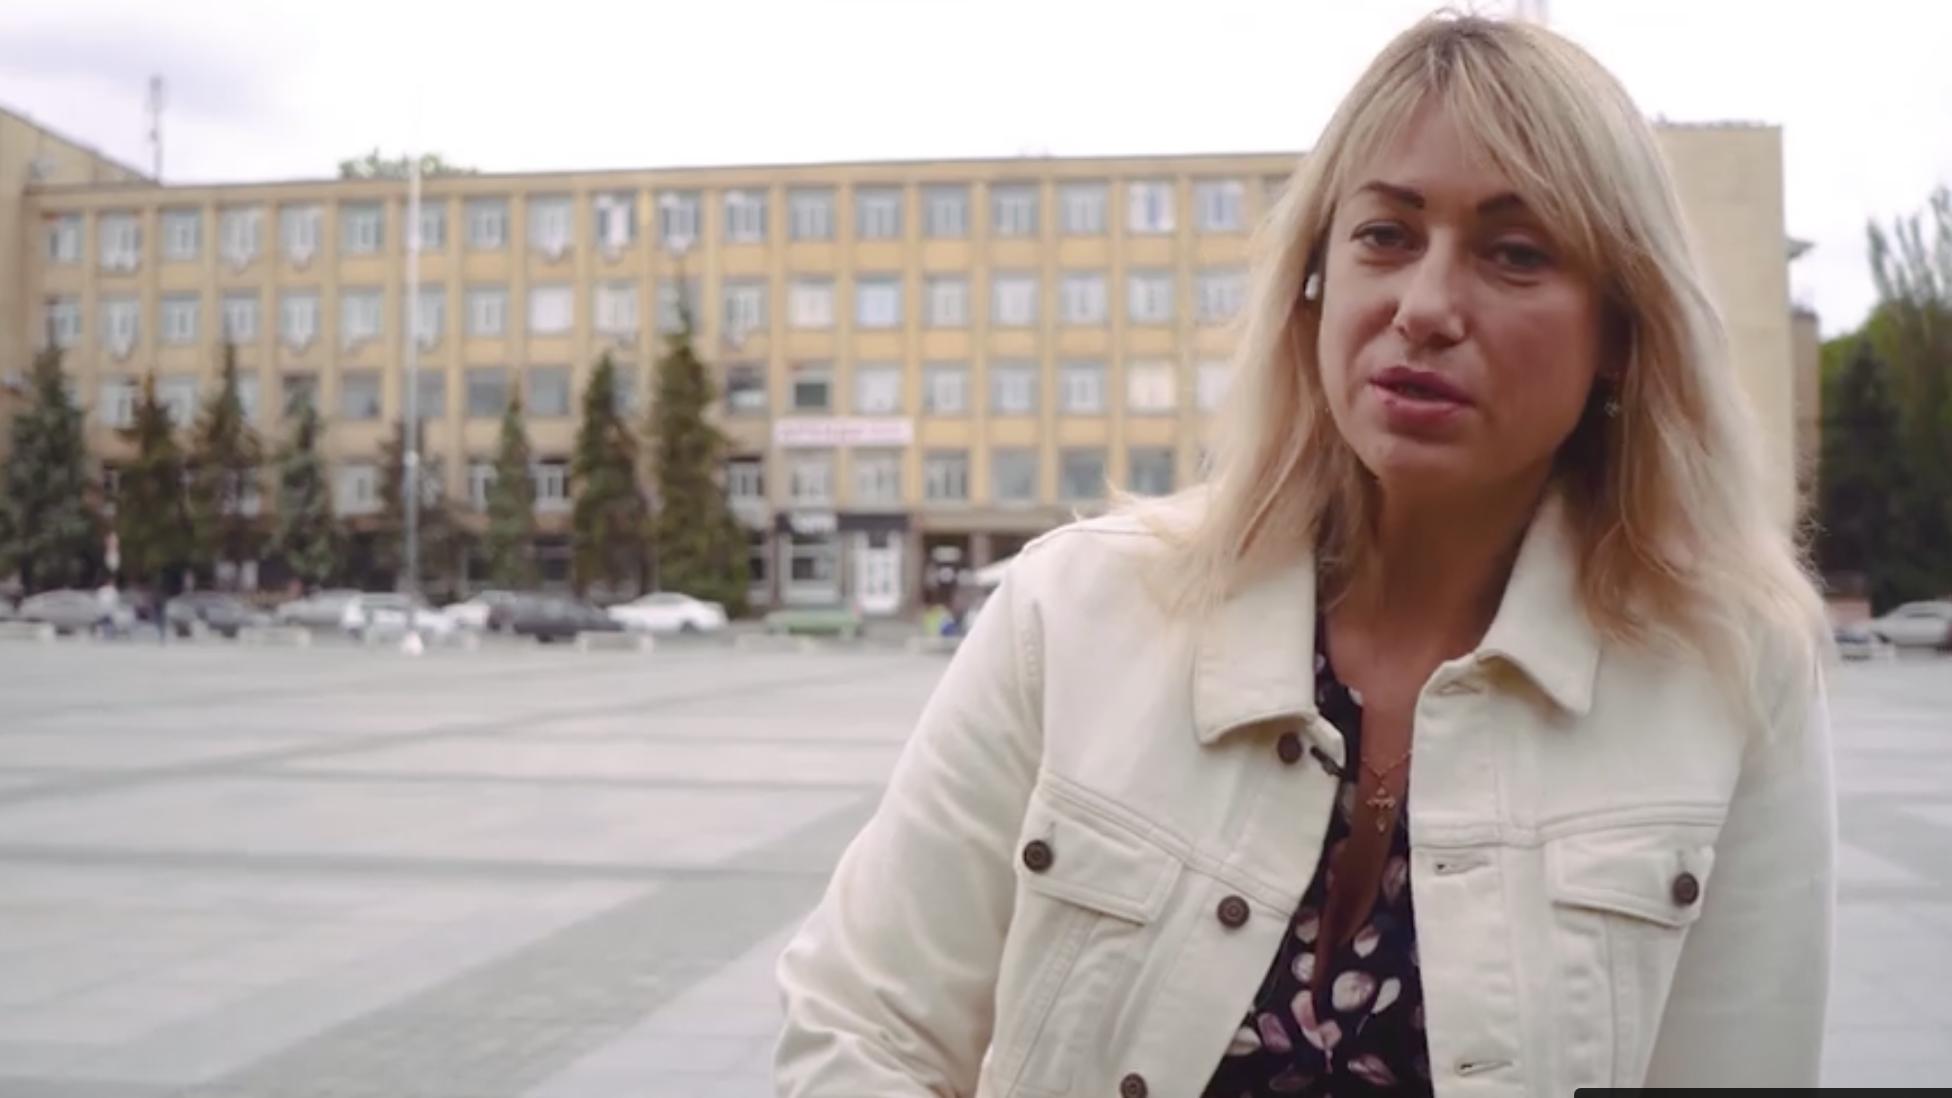 Домбровская обвинила Панченко в блокировании бюджетного процесса в Николаеве